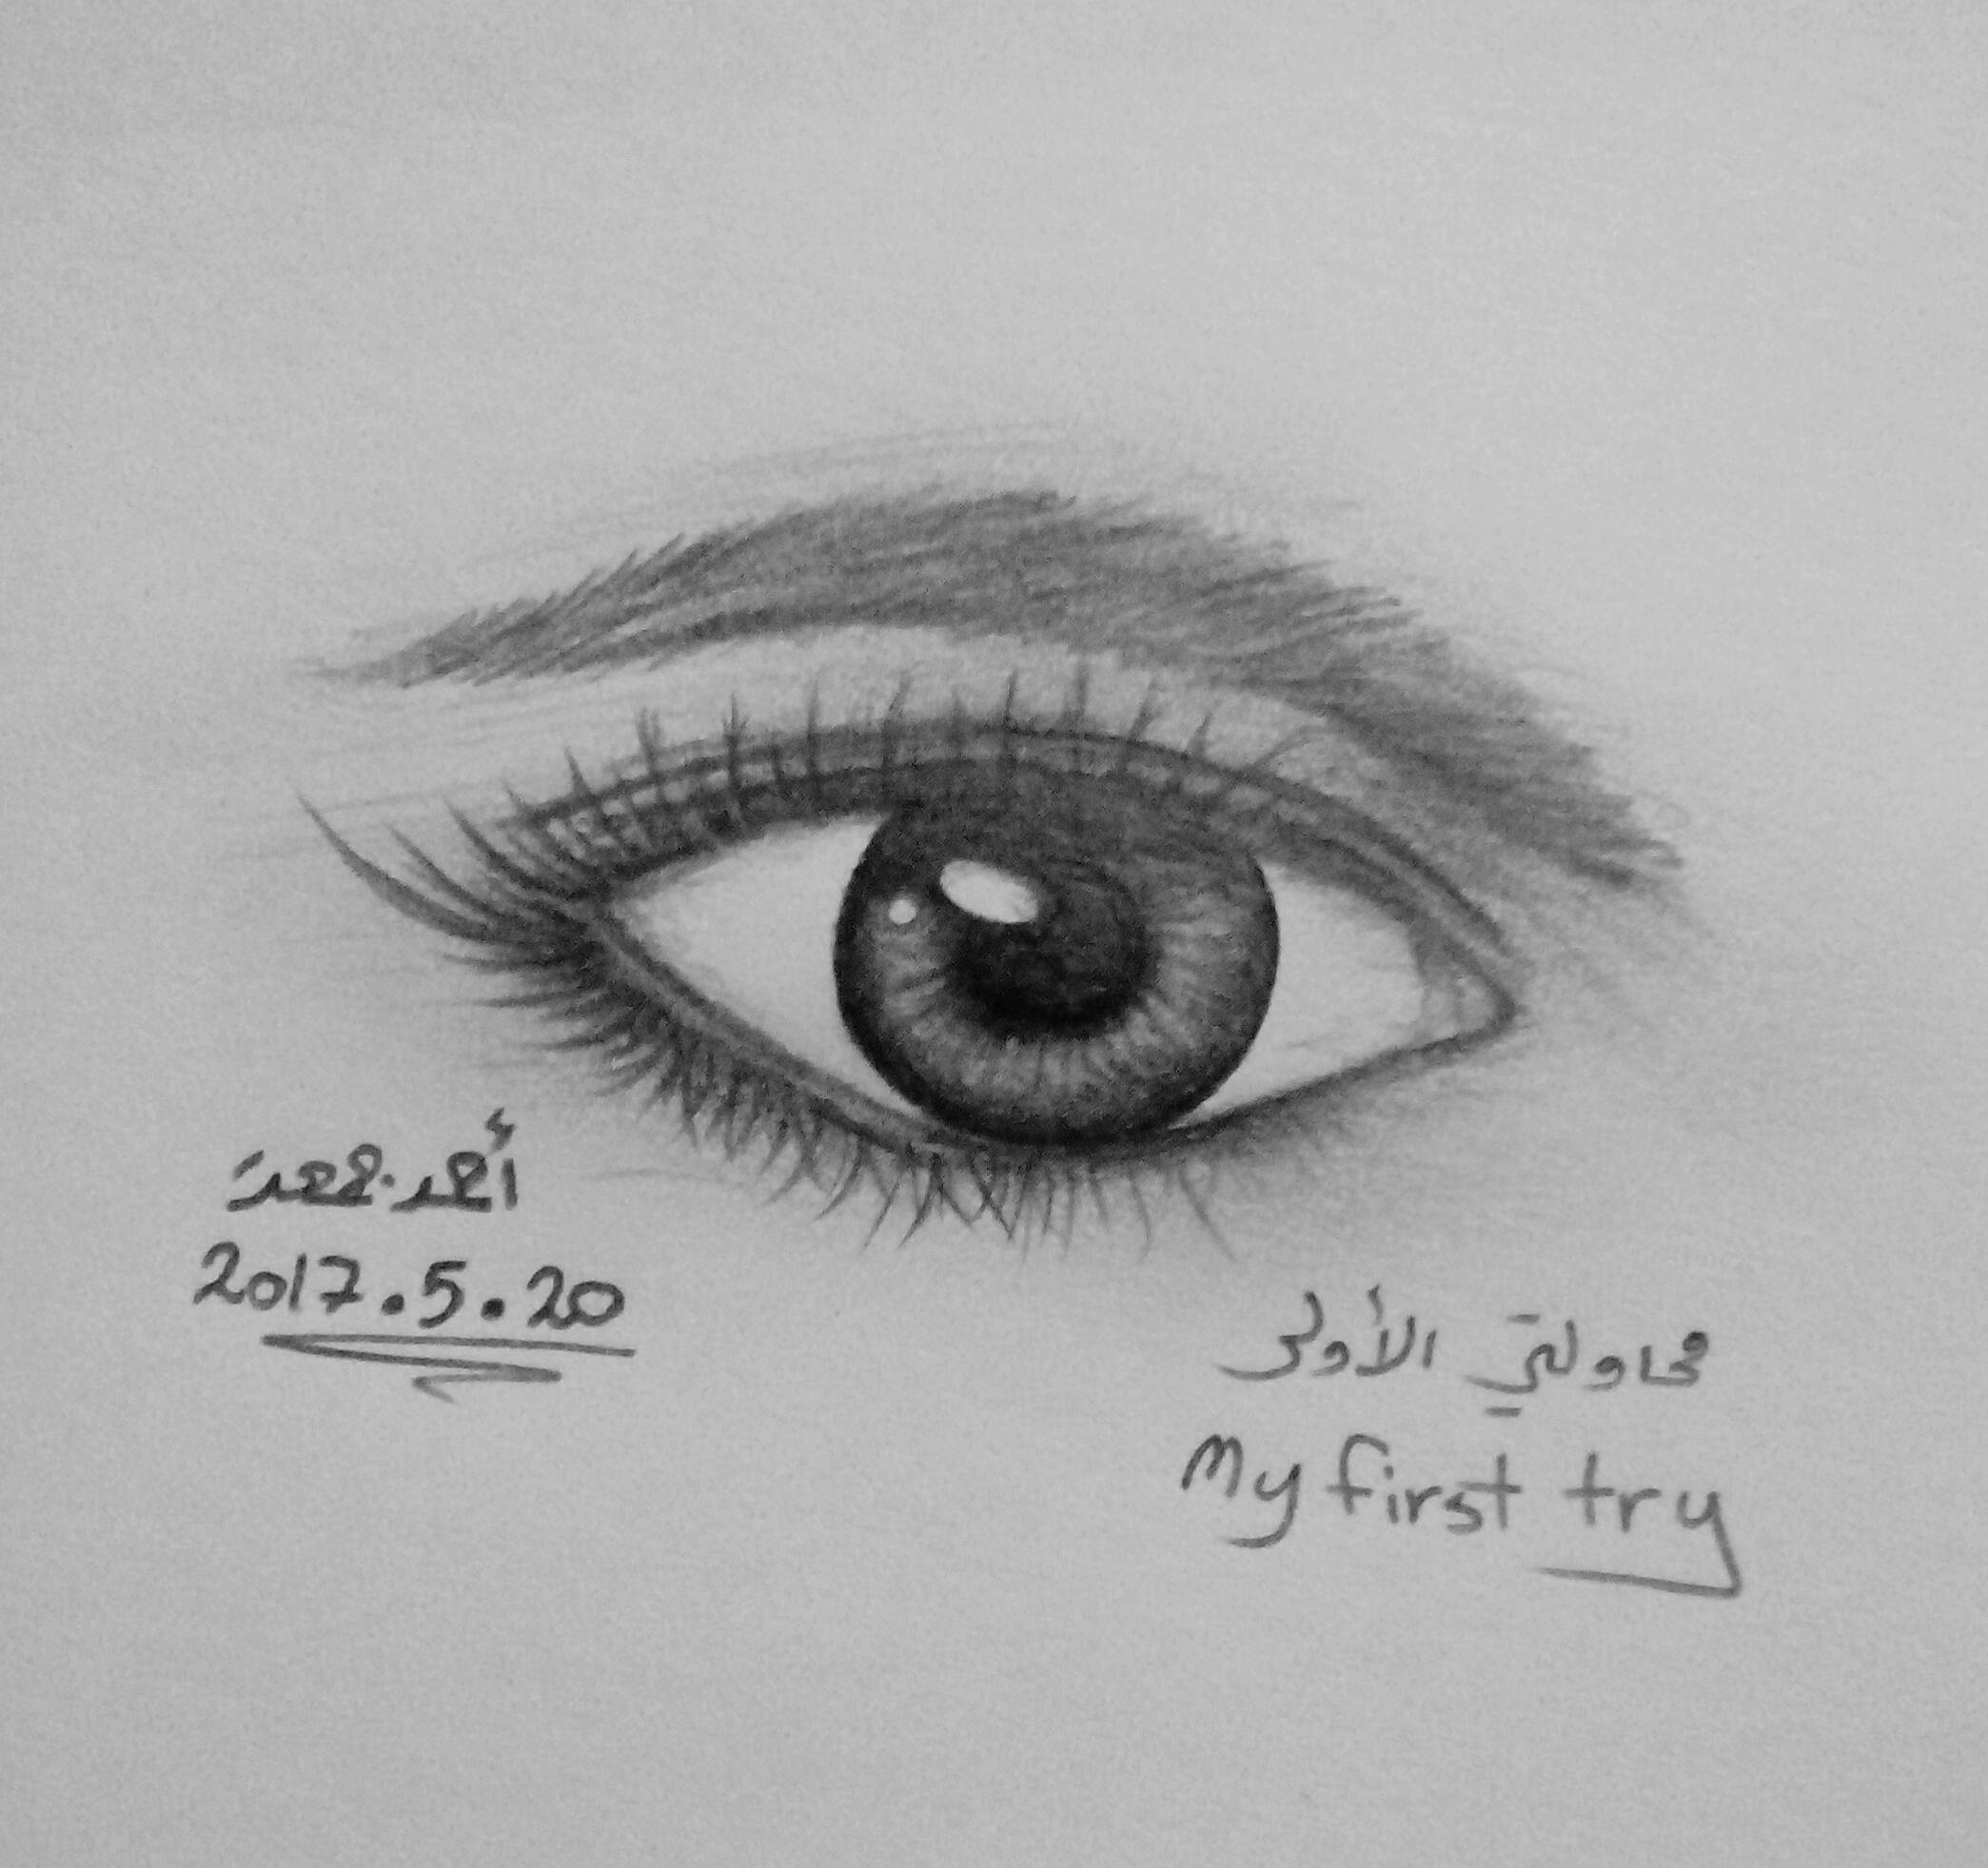 Art ID: 119047